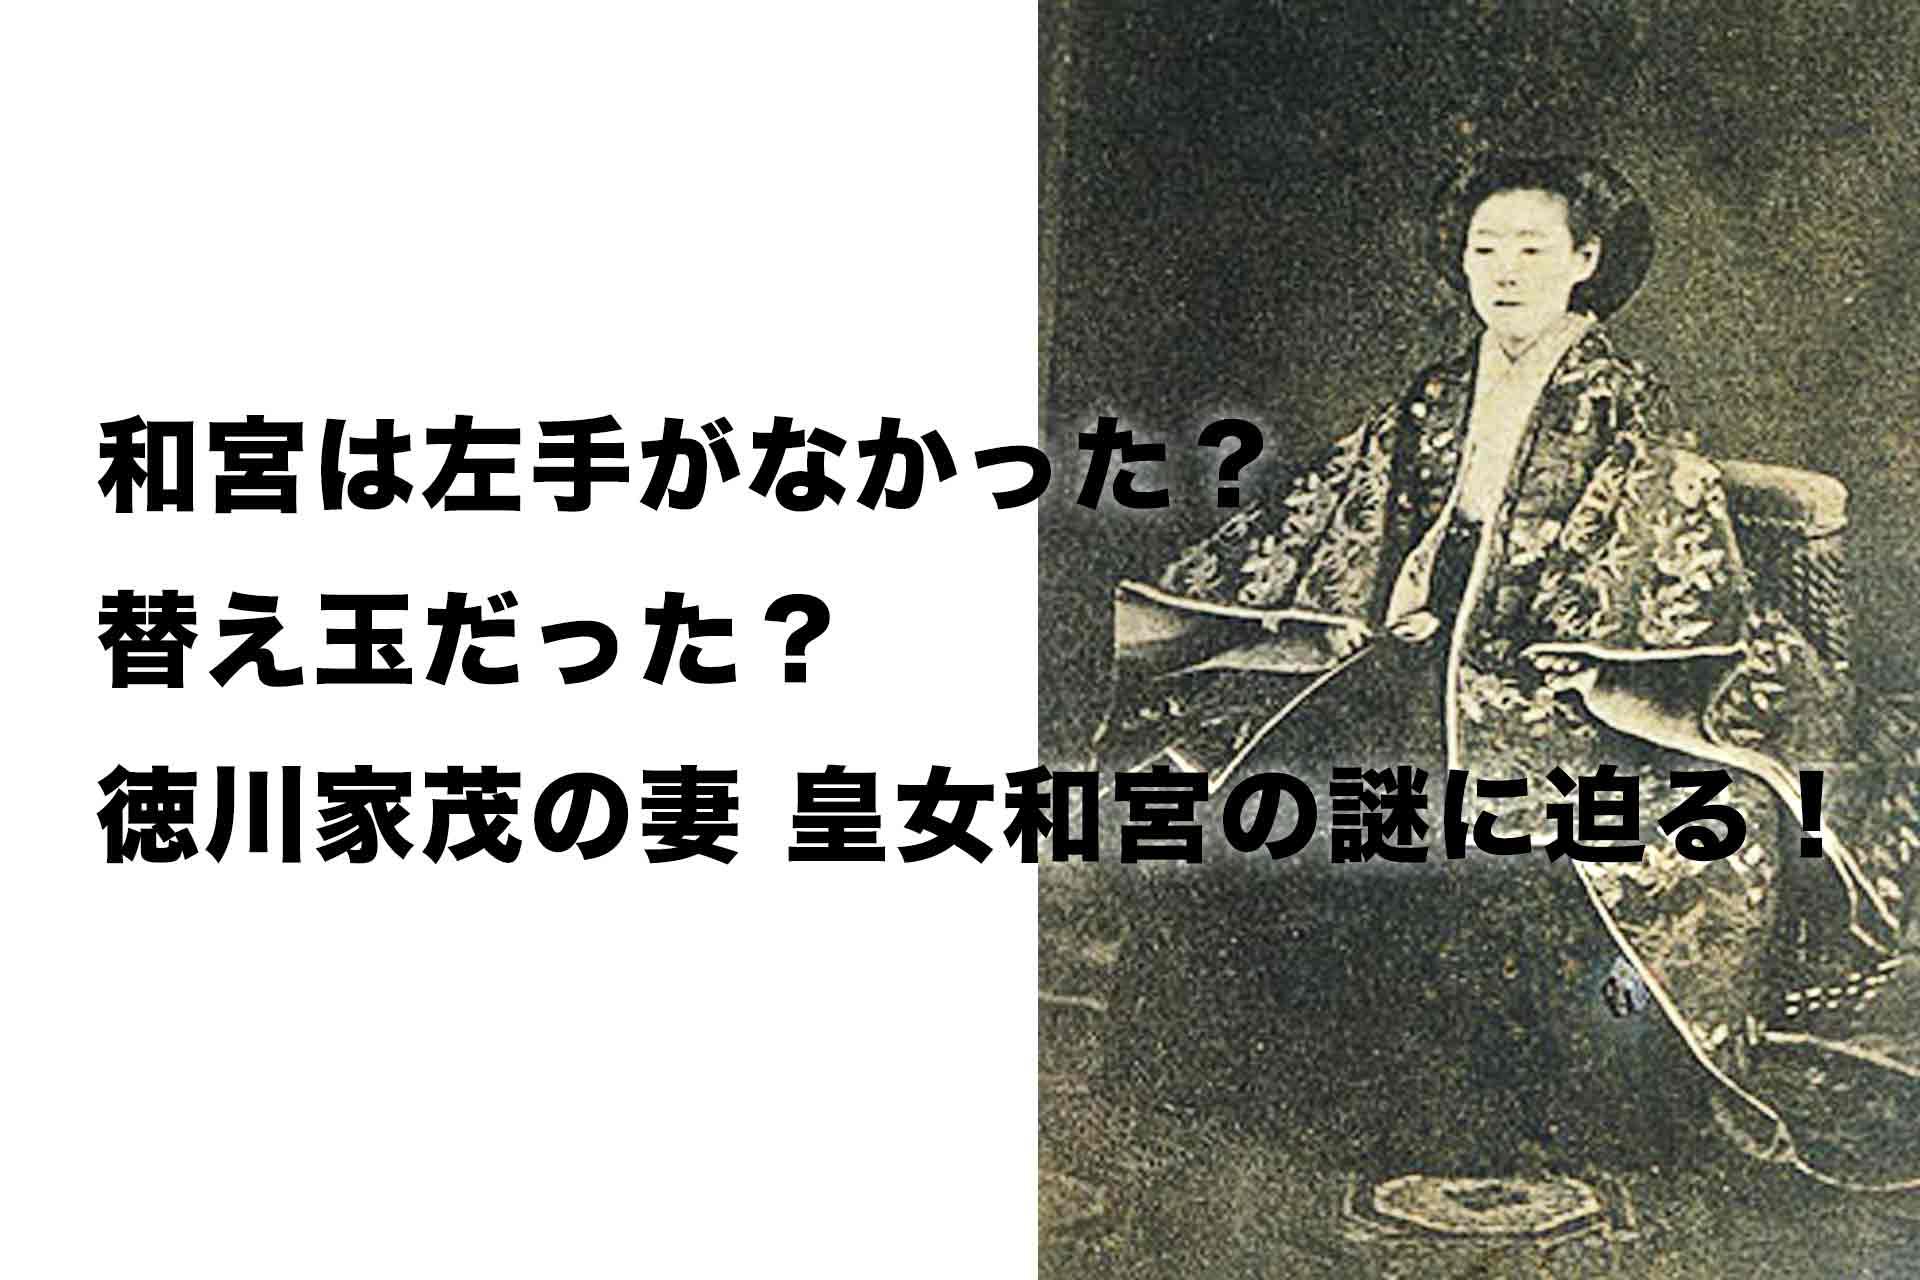 和宮は左手がなかった?替え玉だった?徳川家茂の妻 皇女和宮の謎に迫る!